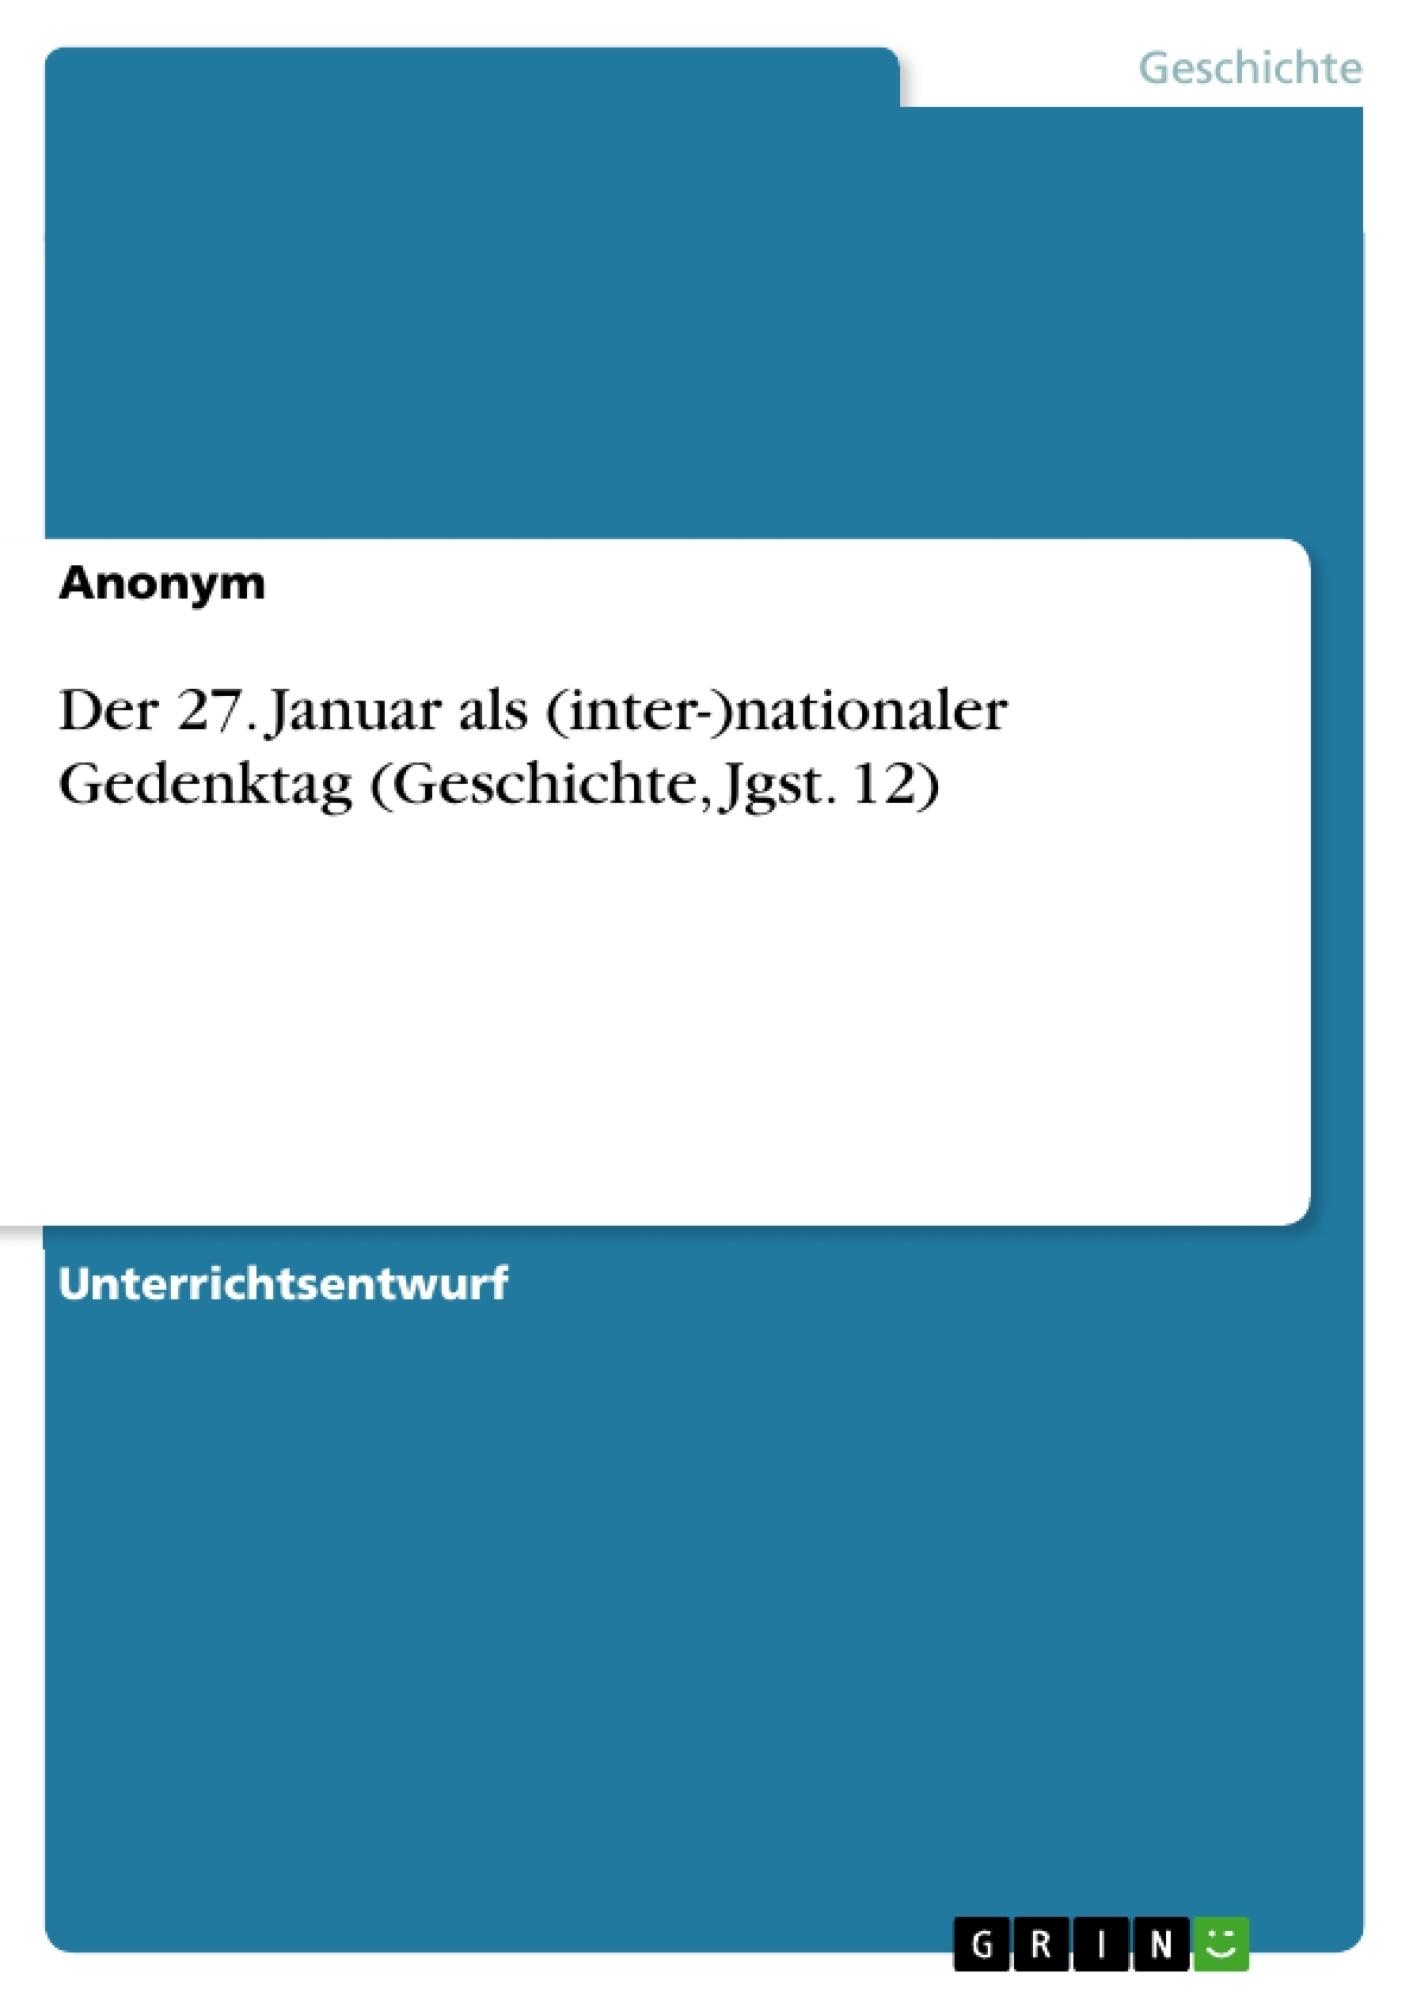 Titel: Der 27. Januar als (inter-)nationaler Gedenktag (Geschichte, Jgst. 12)